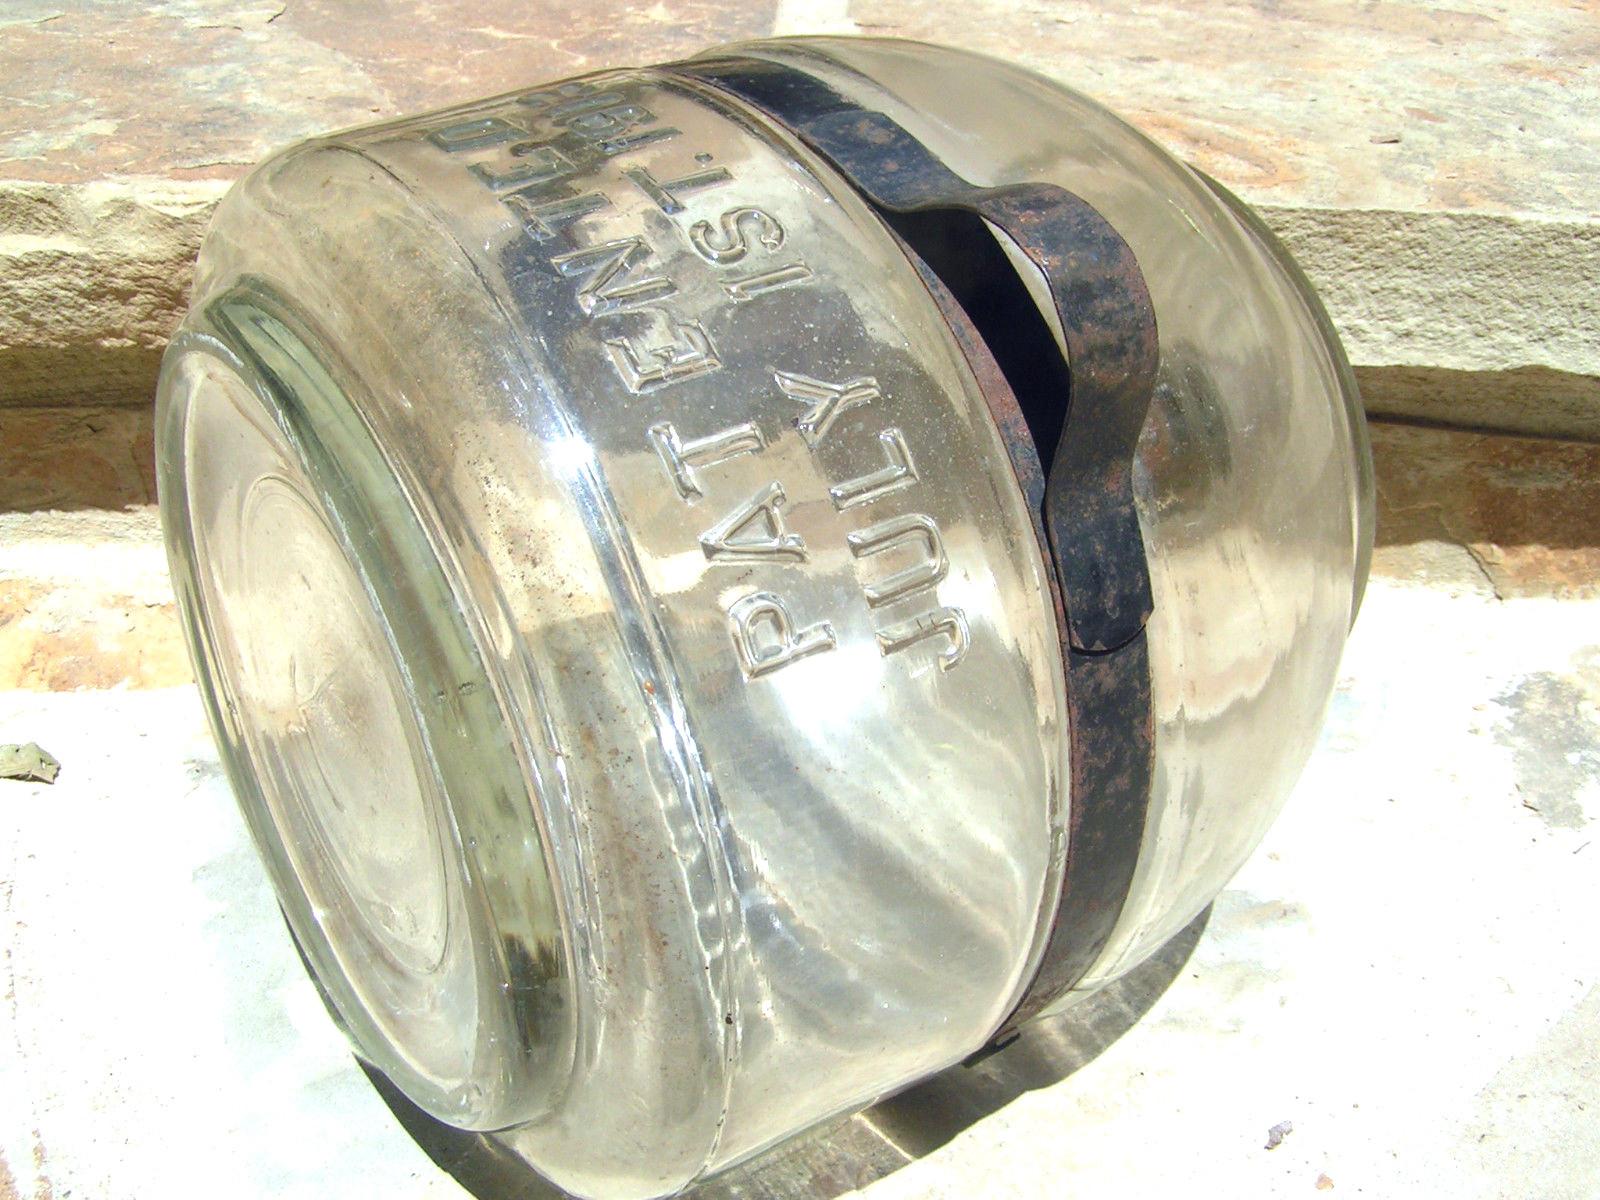 OLD Glass Stove Kerosene Bottle 1913 Jug Bottle bz